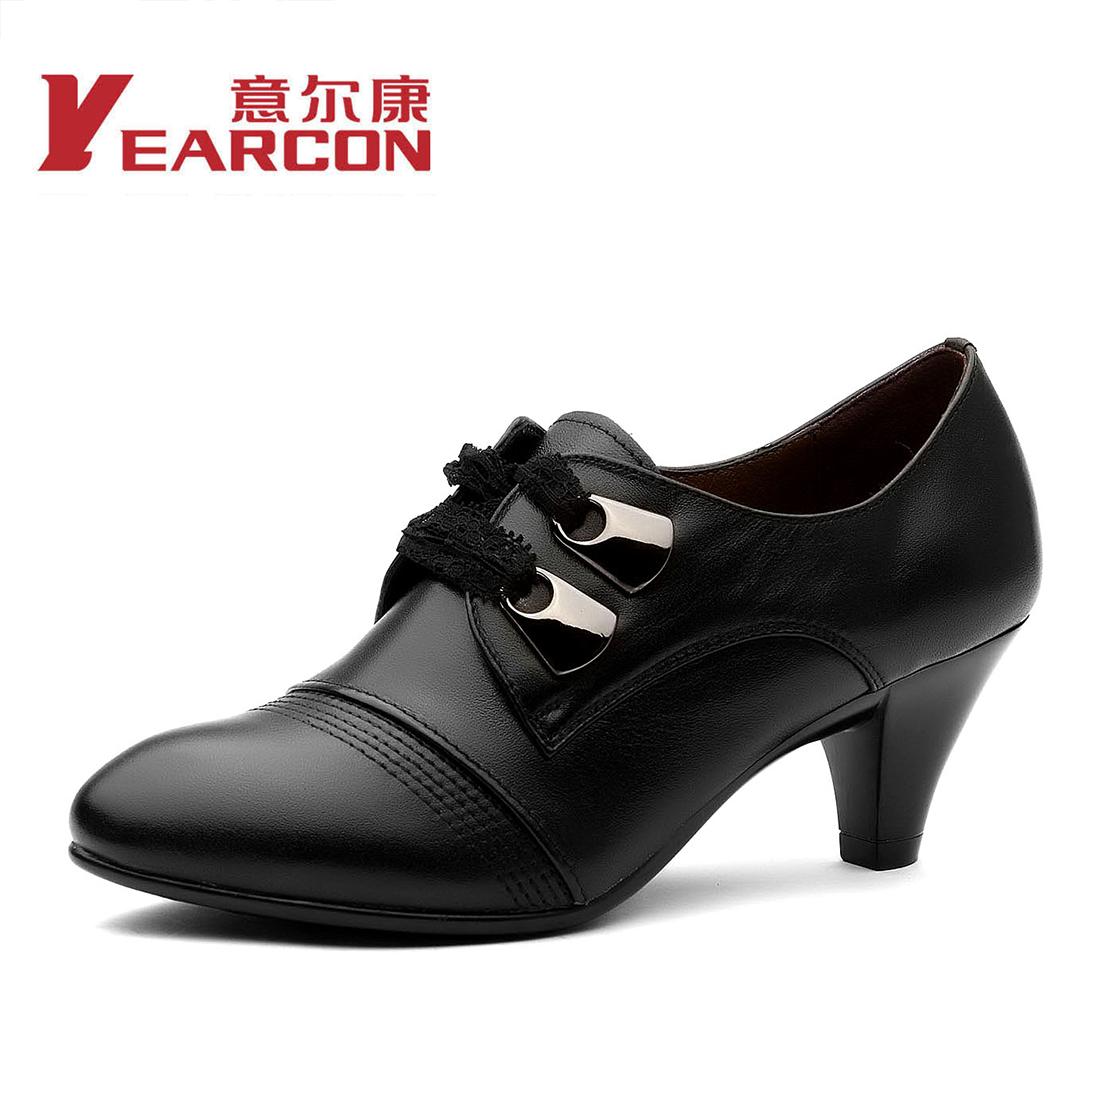 意尔康女鞋正品新款高跟蕾丝系带舒适真皮鞋通勤女单鞋28ze29601y